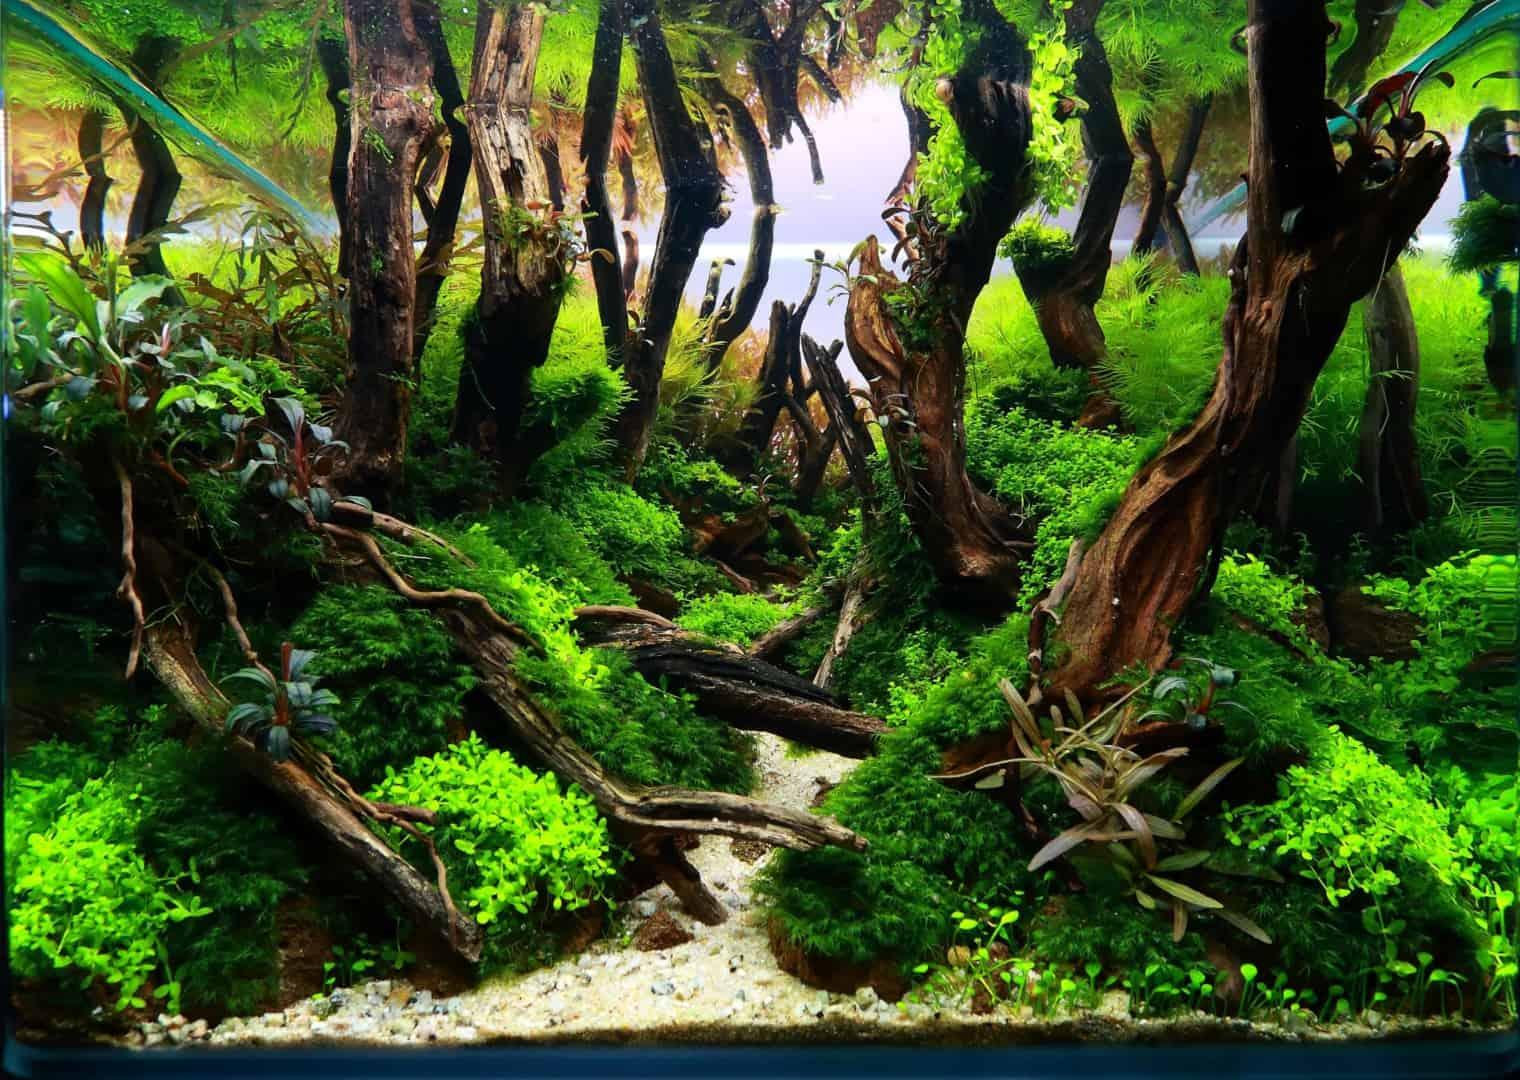 191 - The Art of the Planted Aquarium - Neuheiten und Möglichkeiten zum Mitmachen im April 2019 (Stefanie Hesse) 18